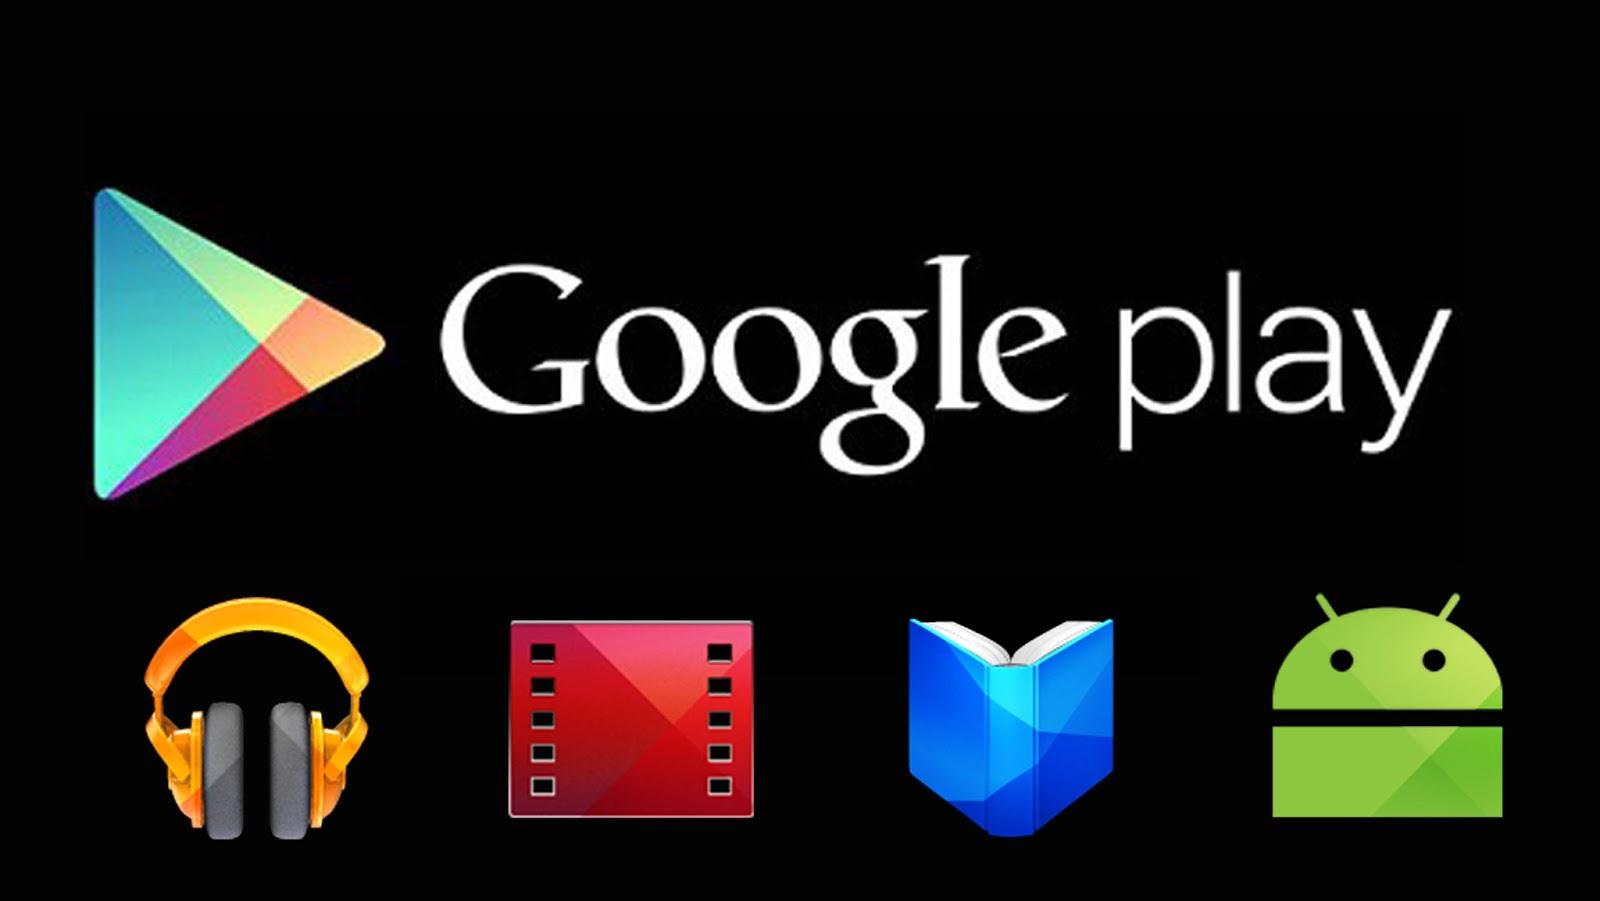 Los 12 mejores juegos android de 2012 según Google Play